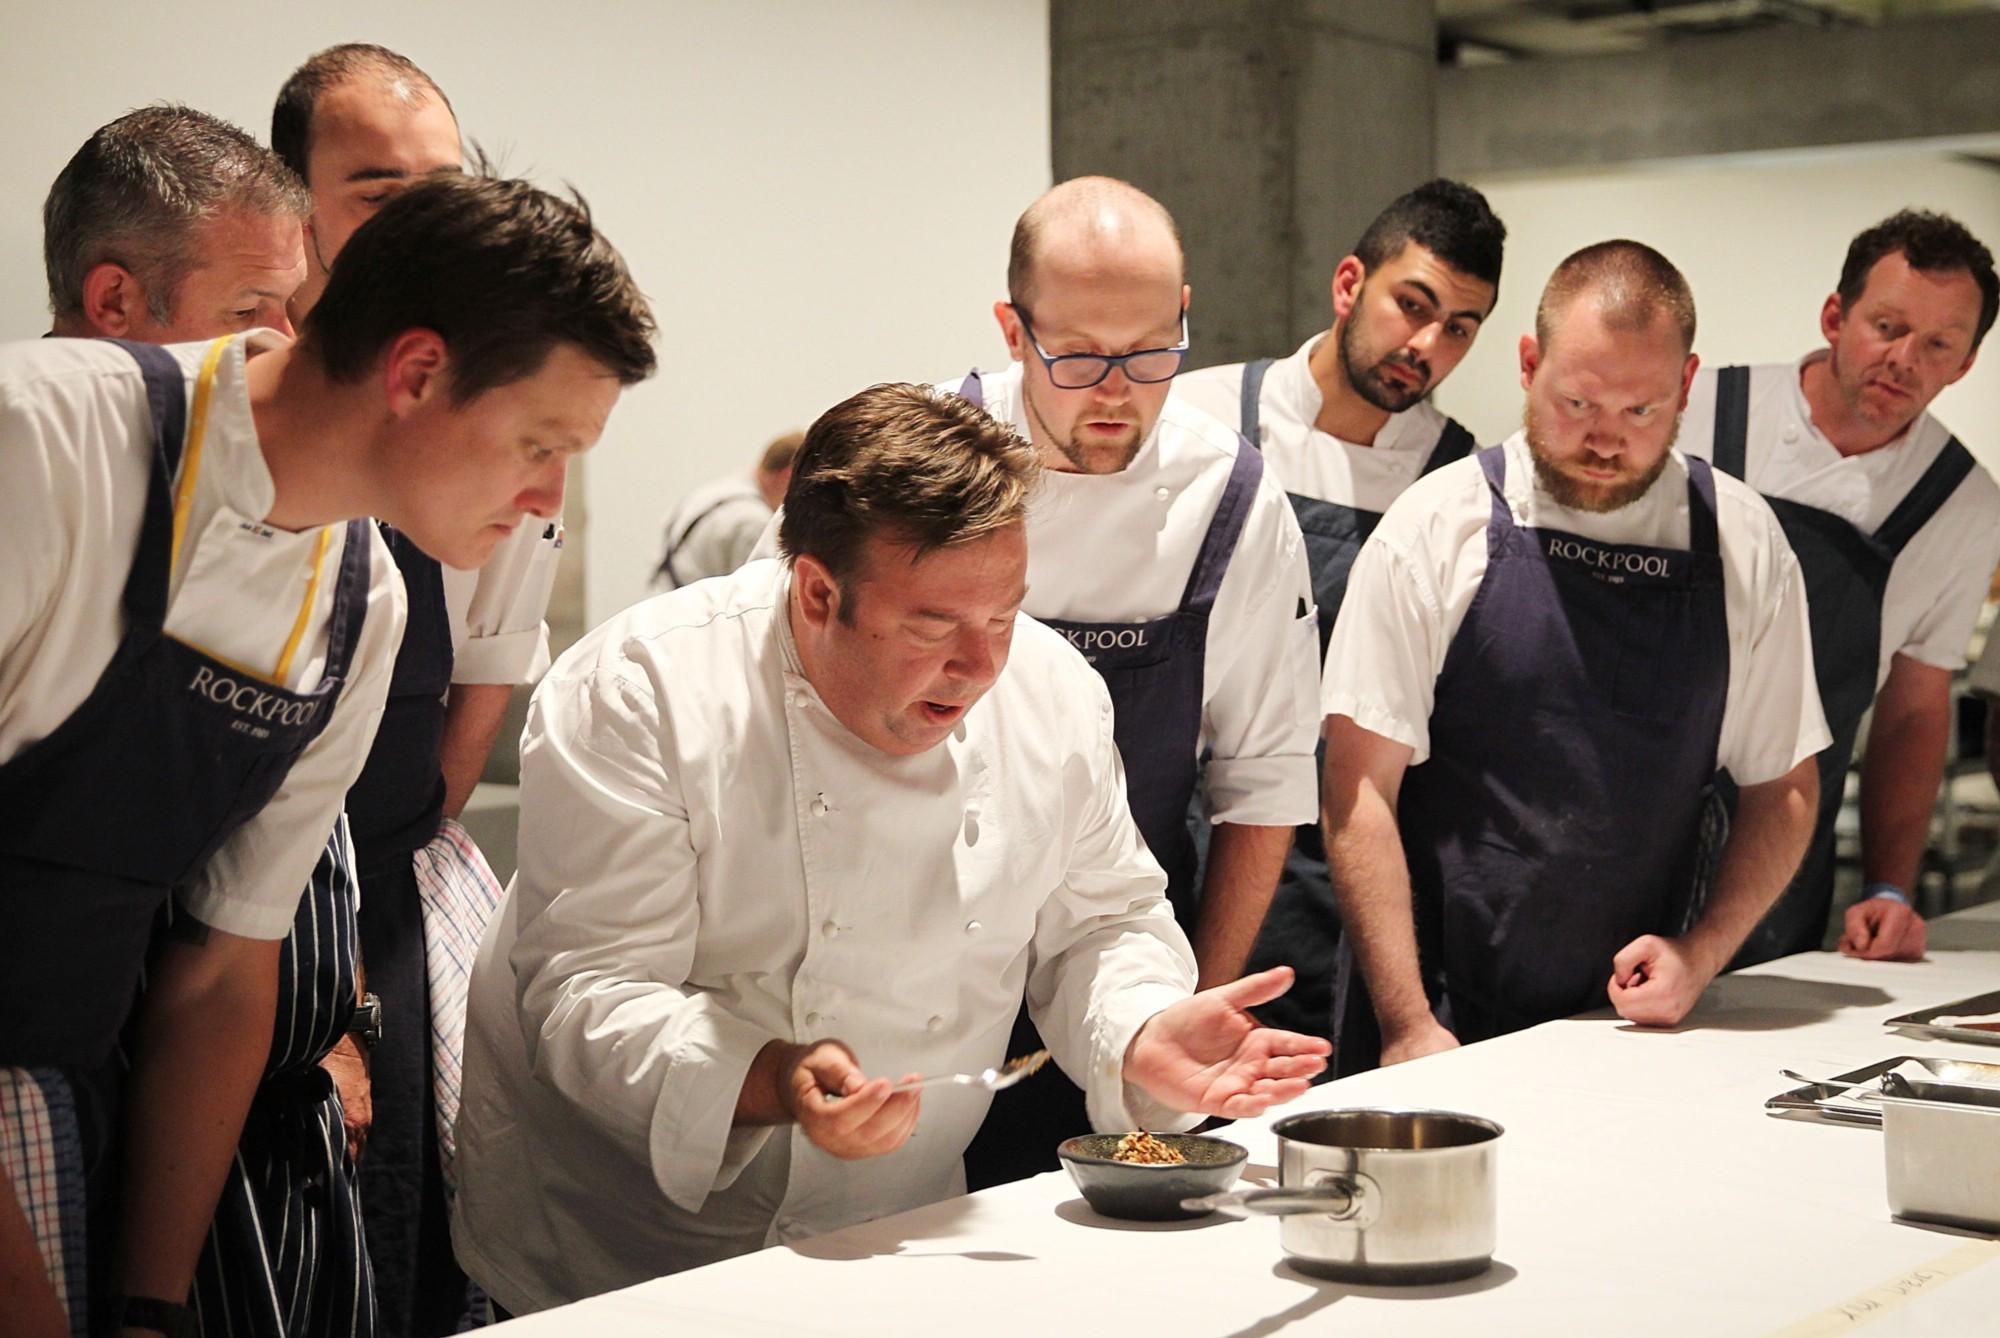 Tourism Australia's Chefs making a dish